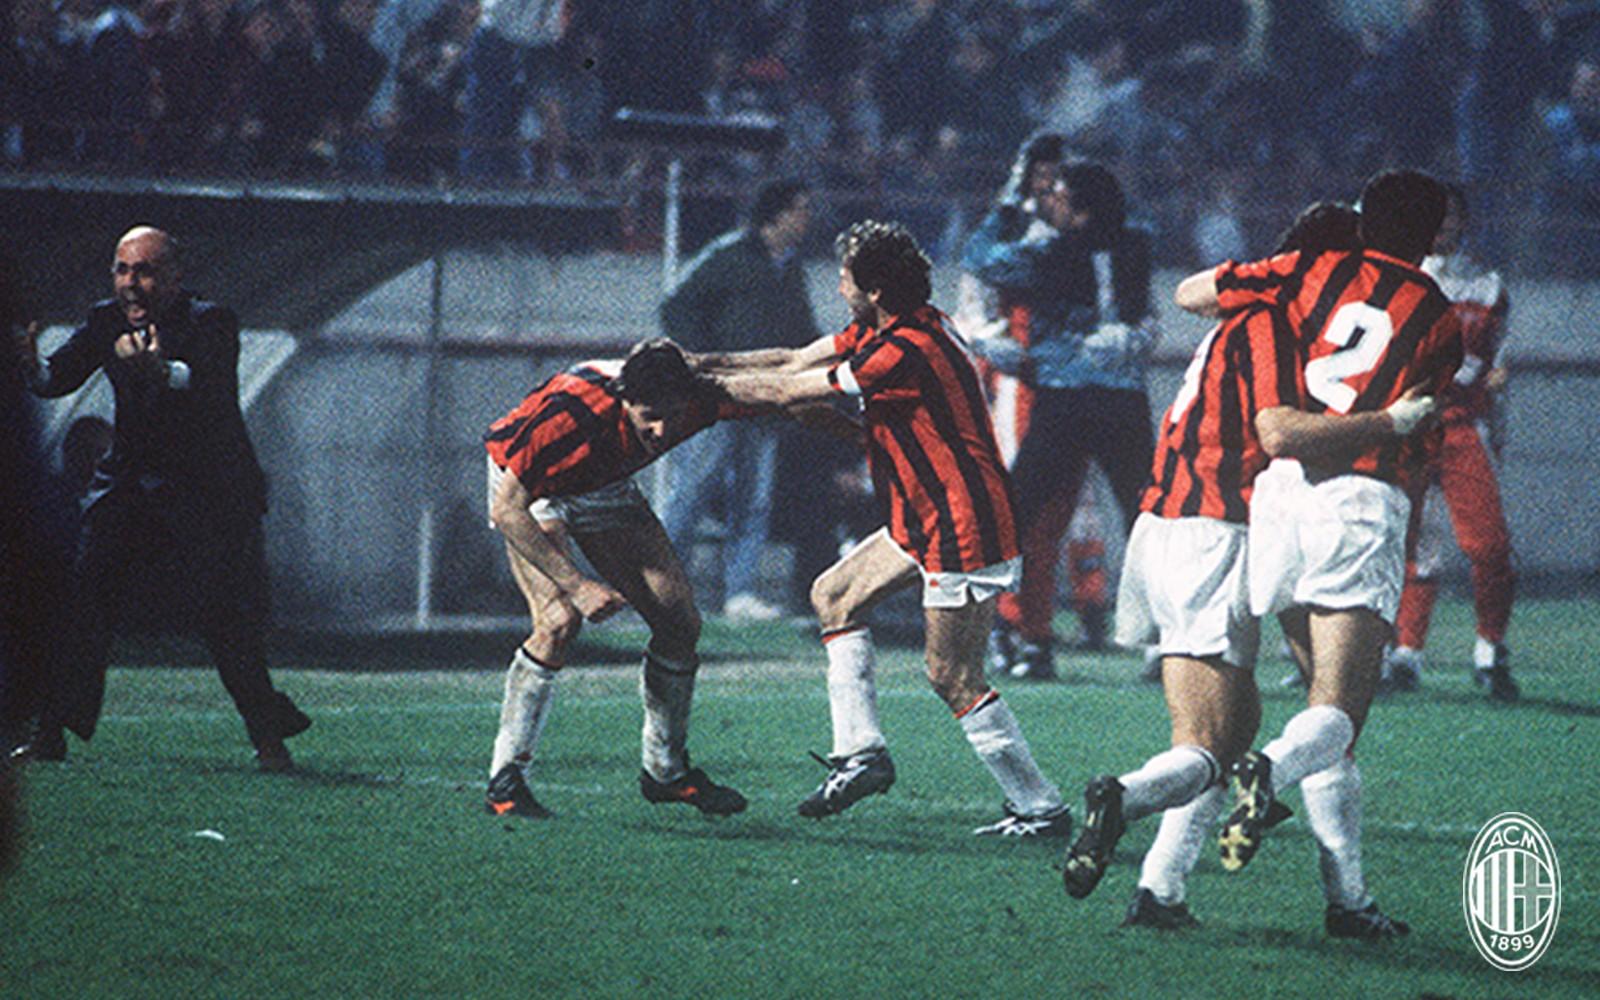 29年前的今天米兰的欧冠血